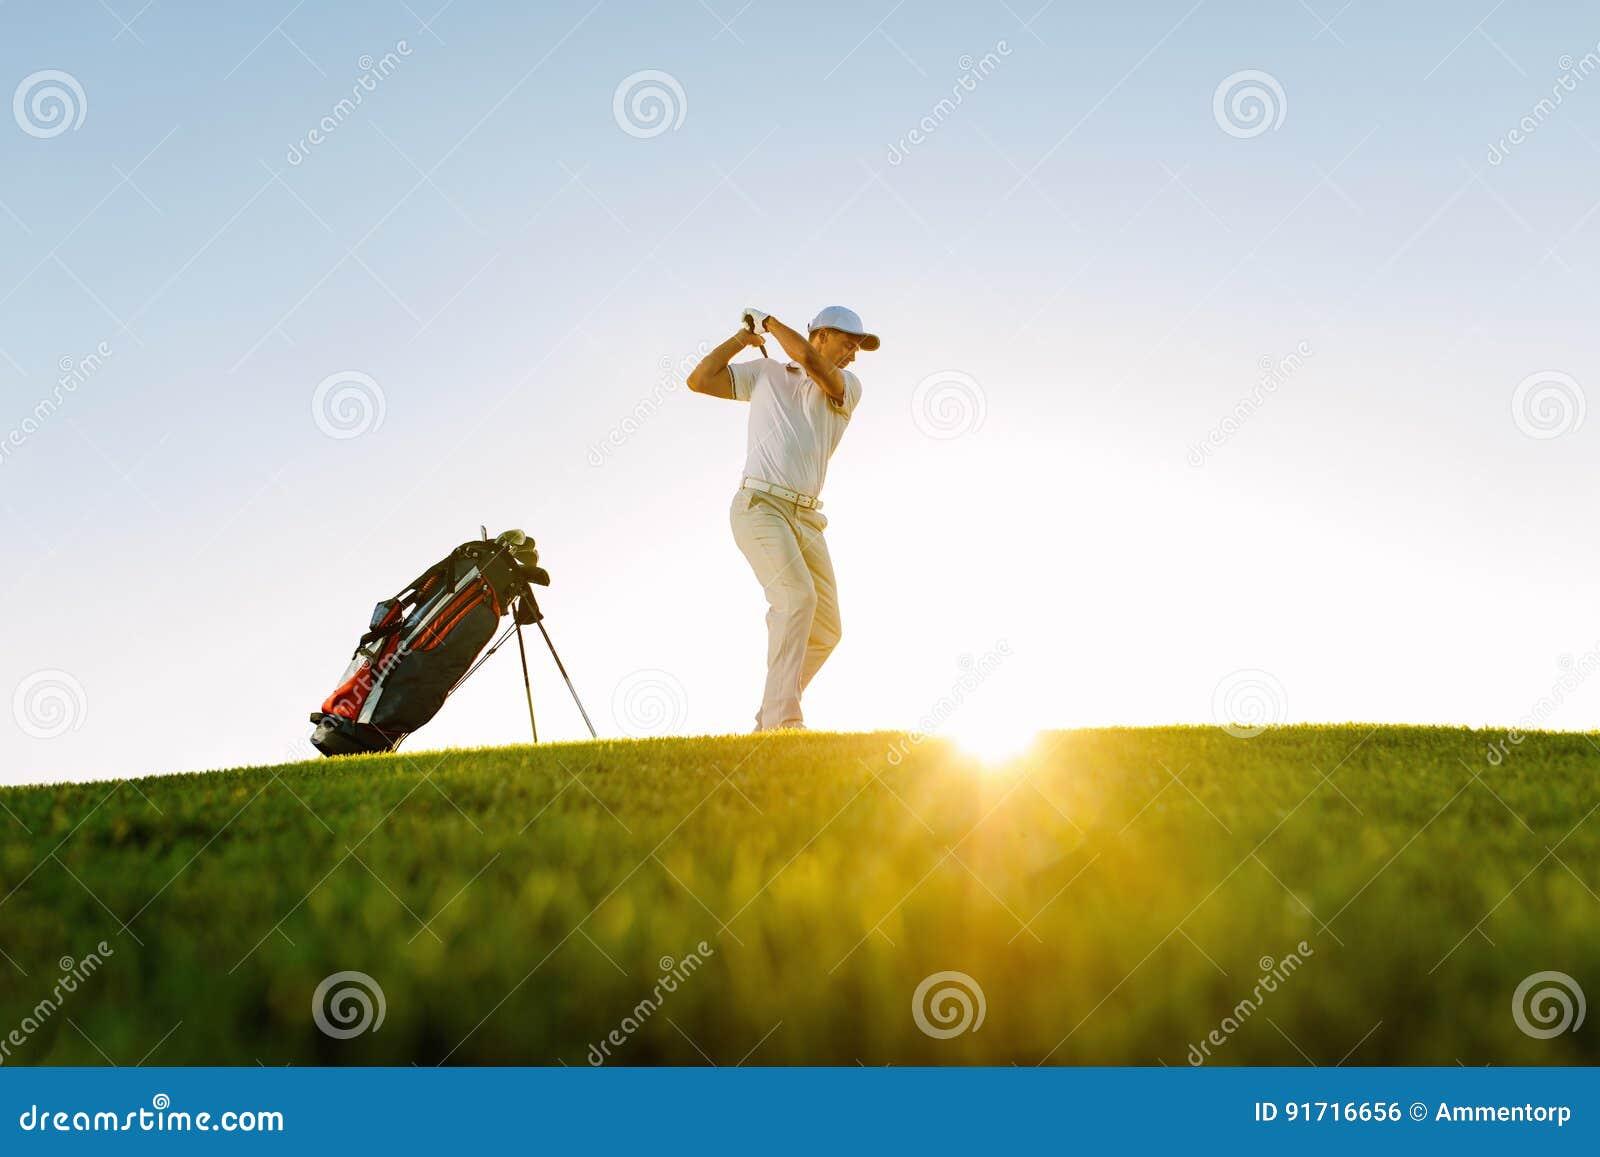 Männlicher Golfspieler, der Schuss auf Golfplatz nimmt